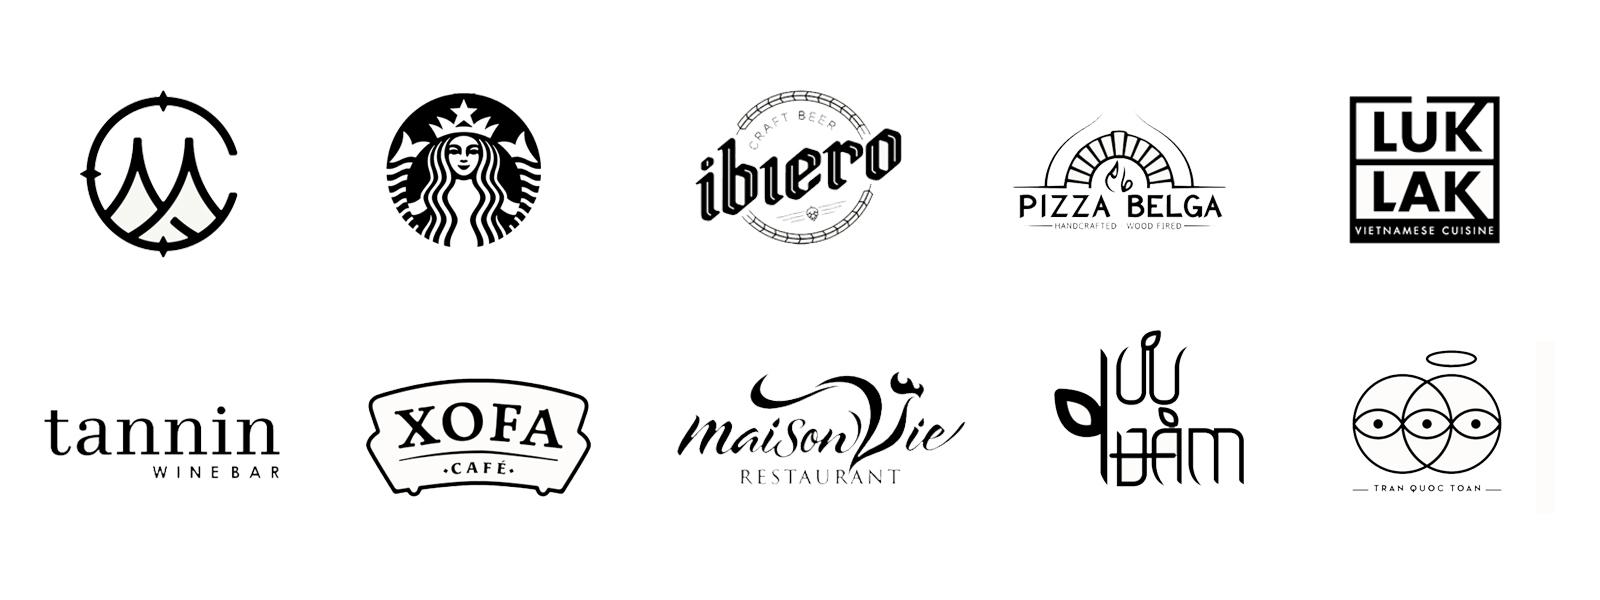 Wisepass brands